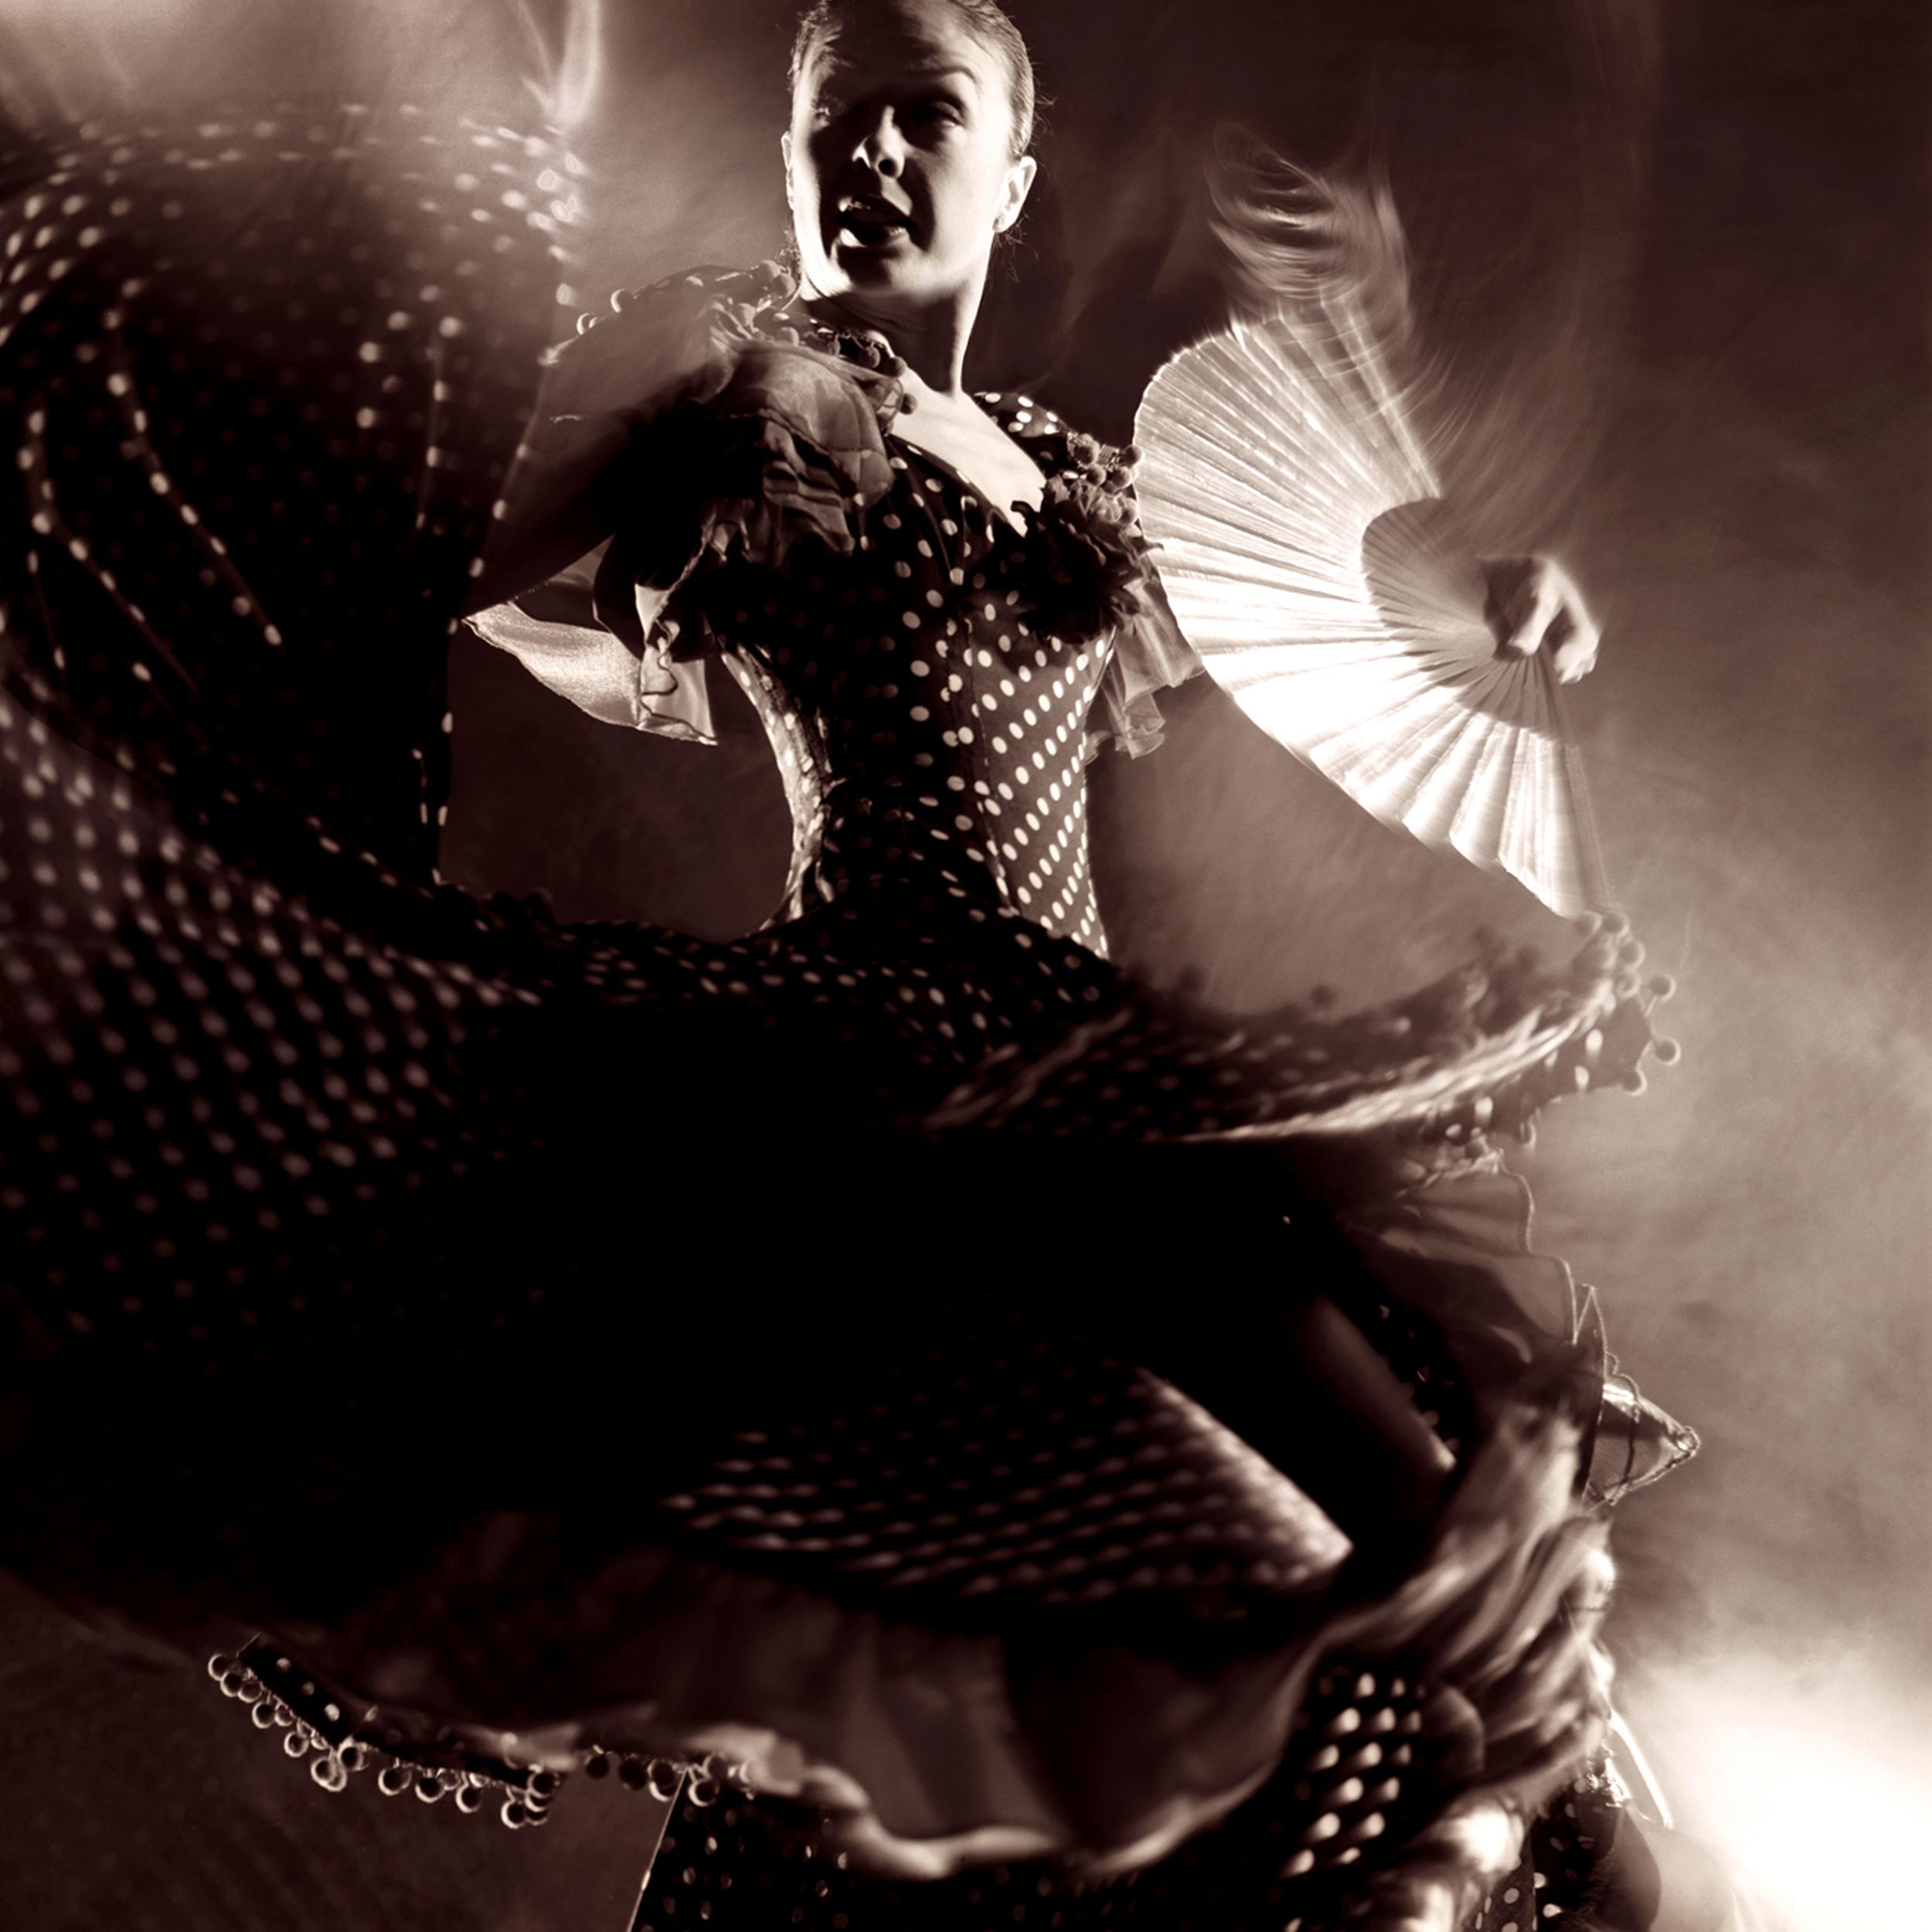 Spanish Dancer by Kimball Hall